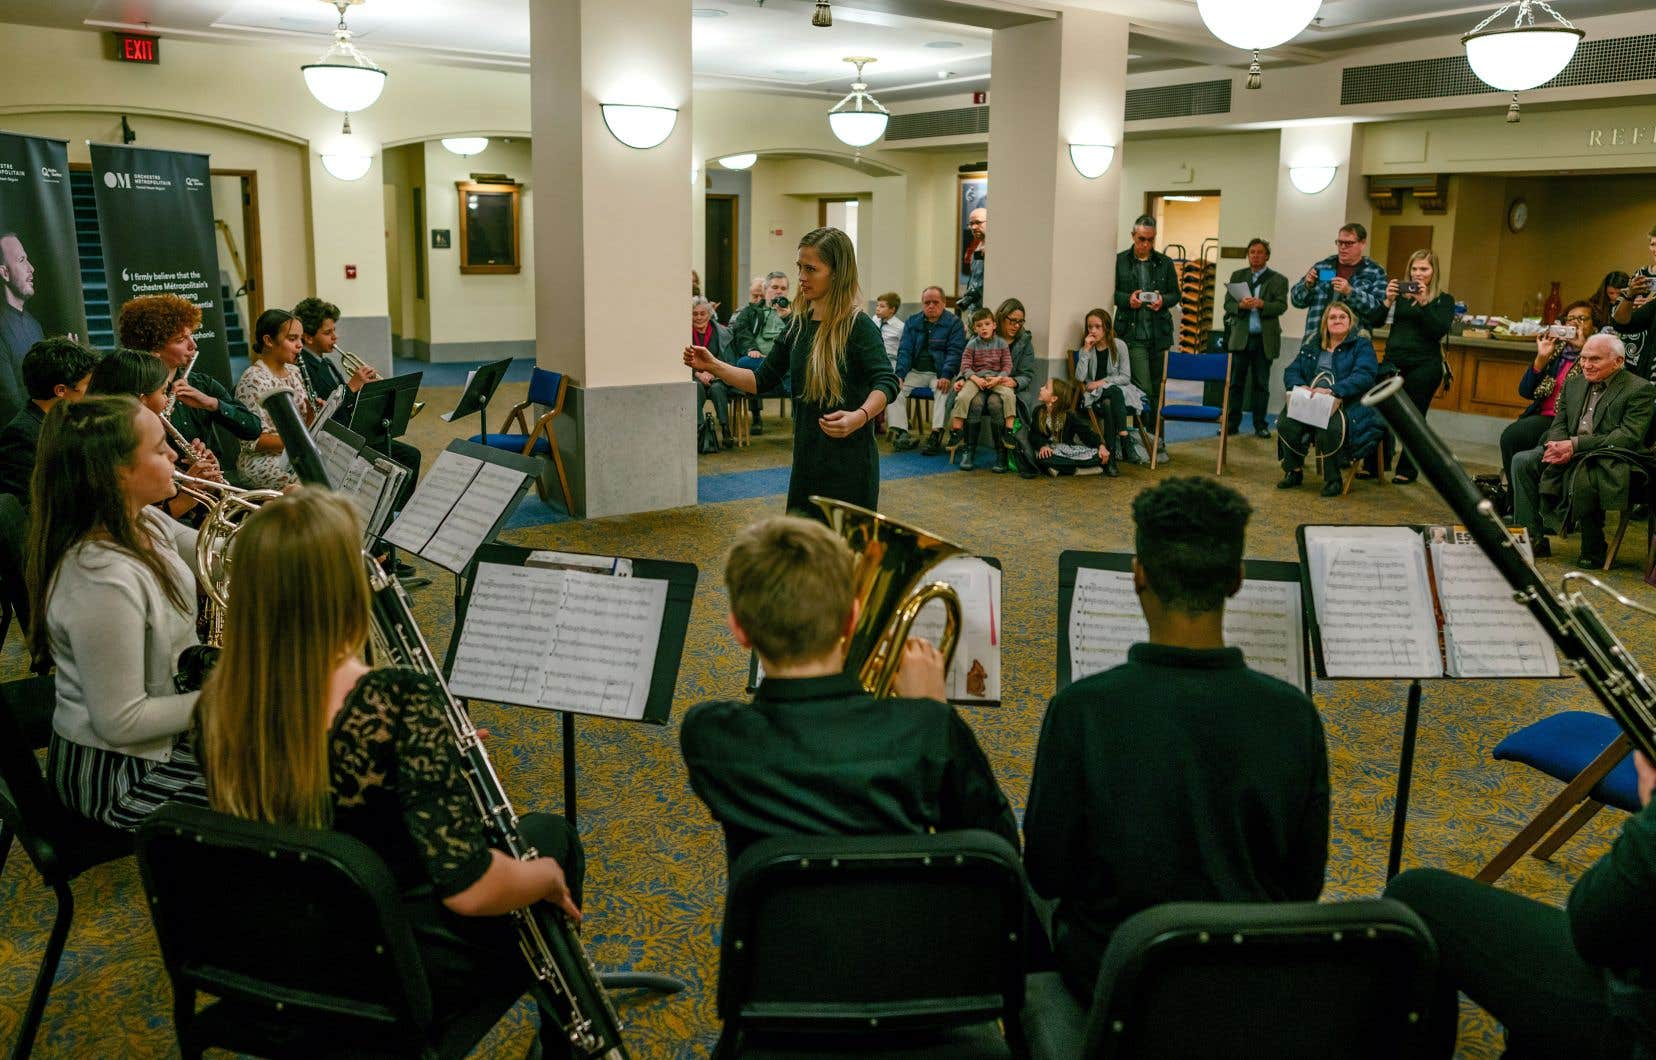 À Ann Arbor, l'habituelle prestation de 15 minutes a été prolongée à 30 minutes et trois groupes de trois classes d'âges différents se sont produits.